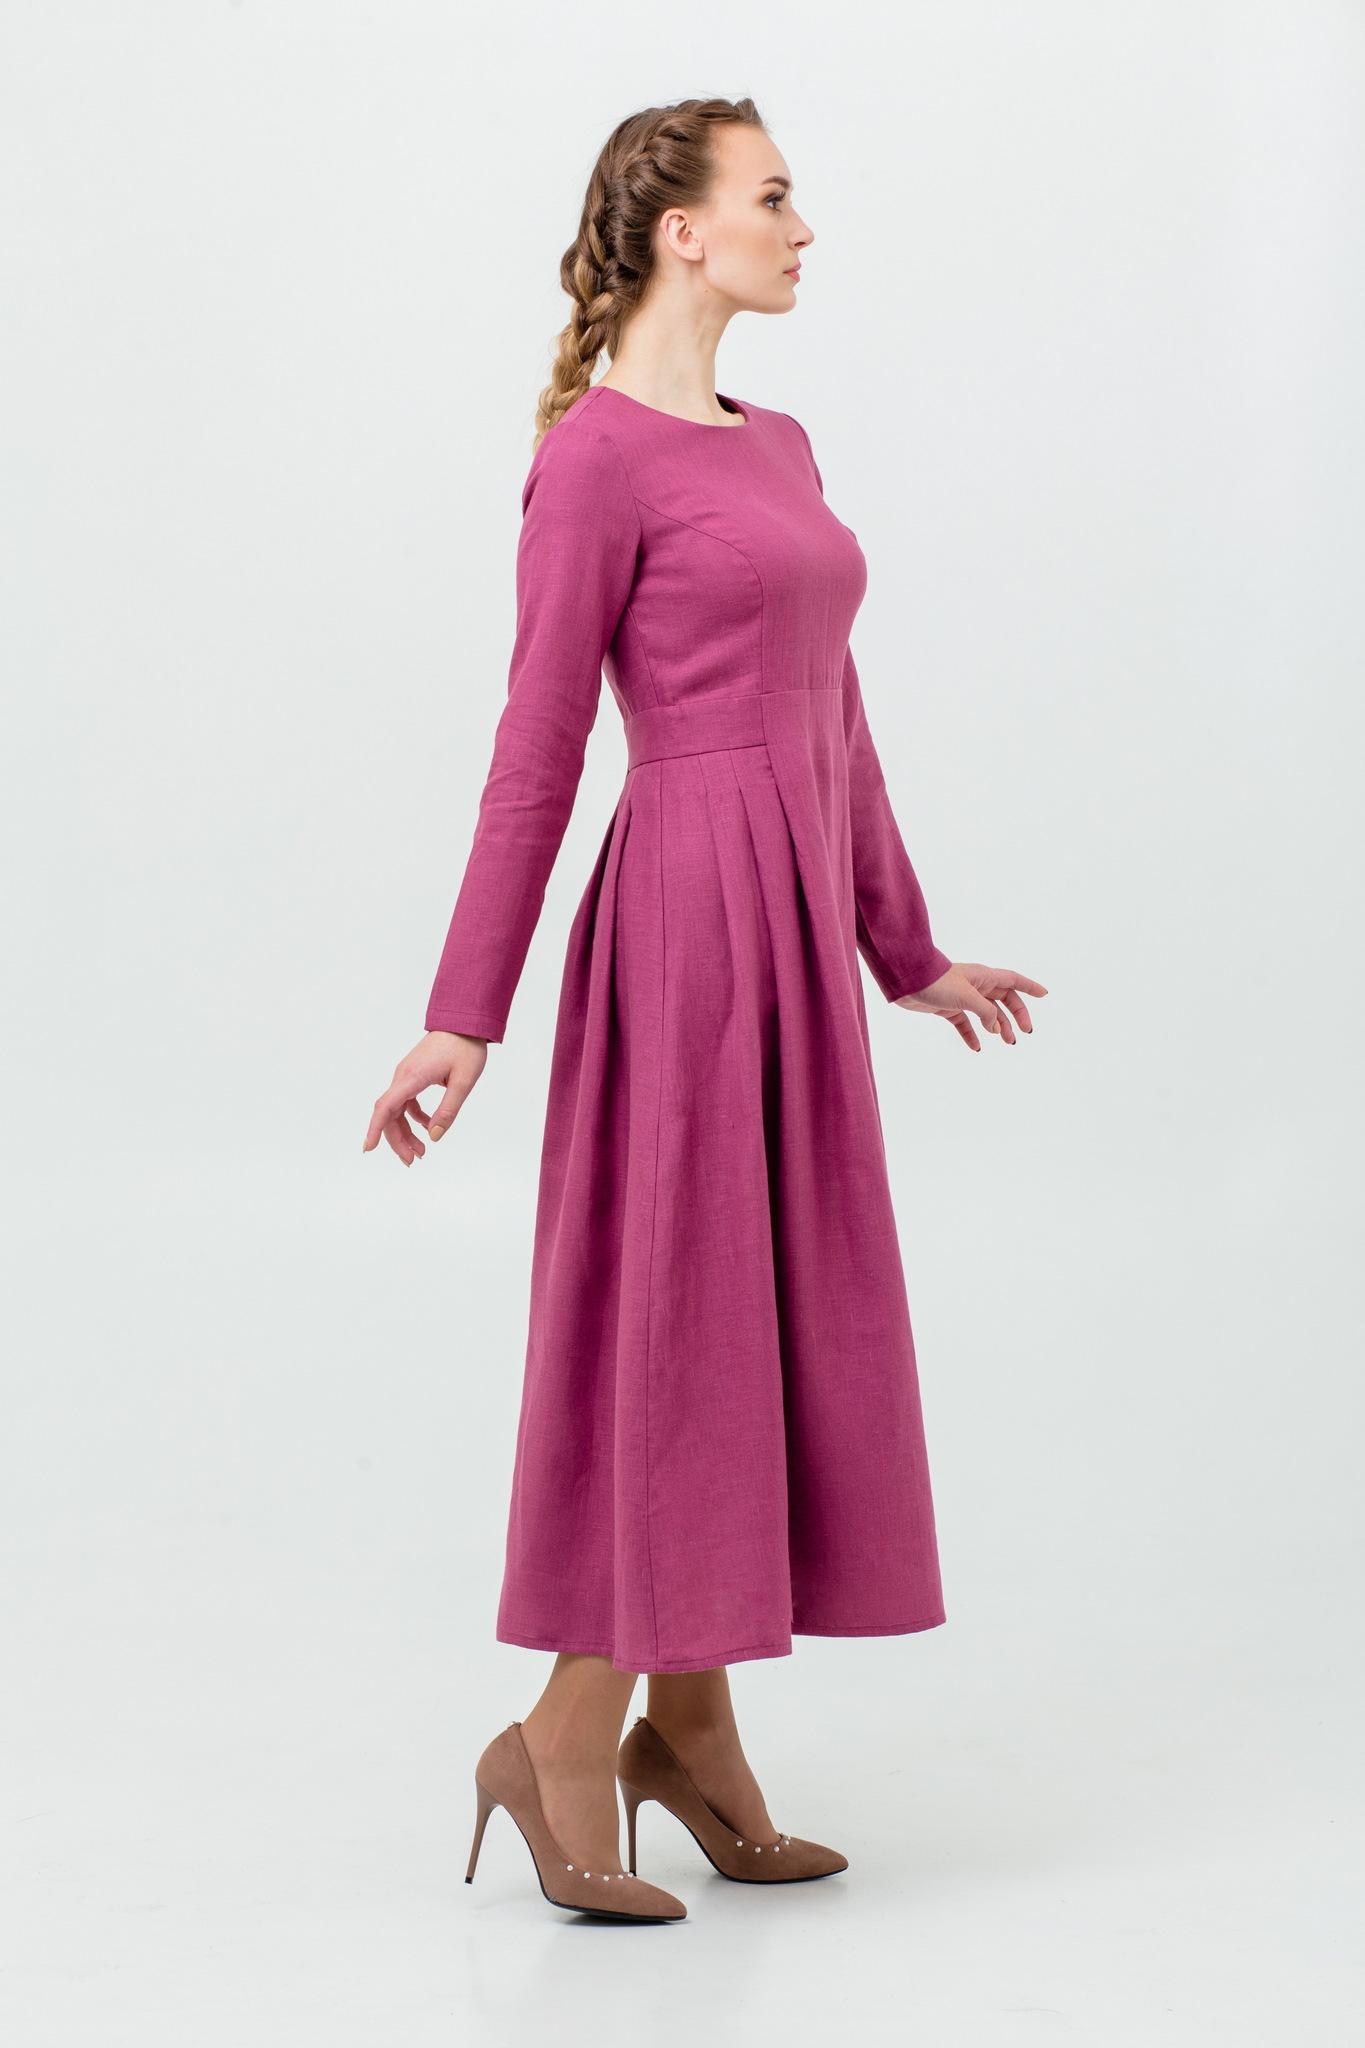 Платье на осень из льна Ежевика